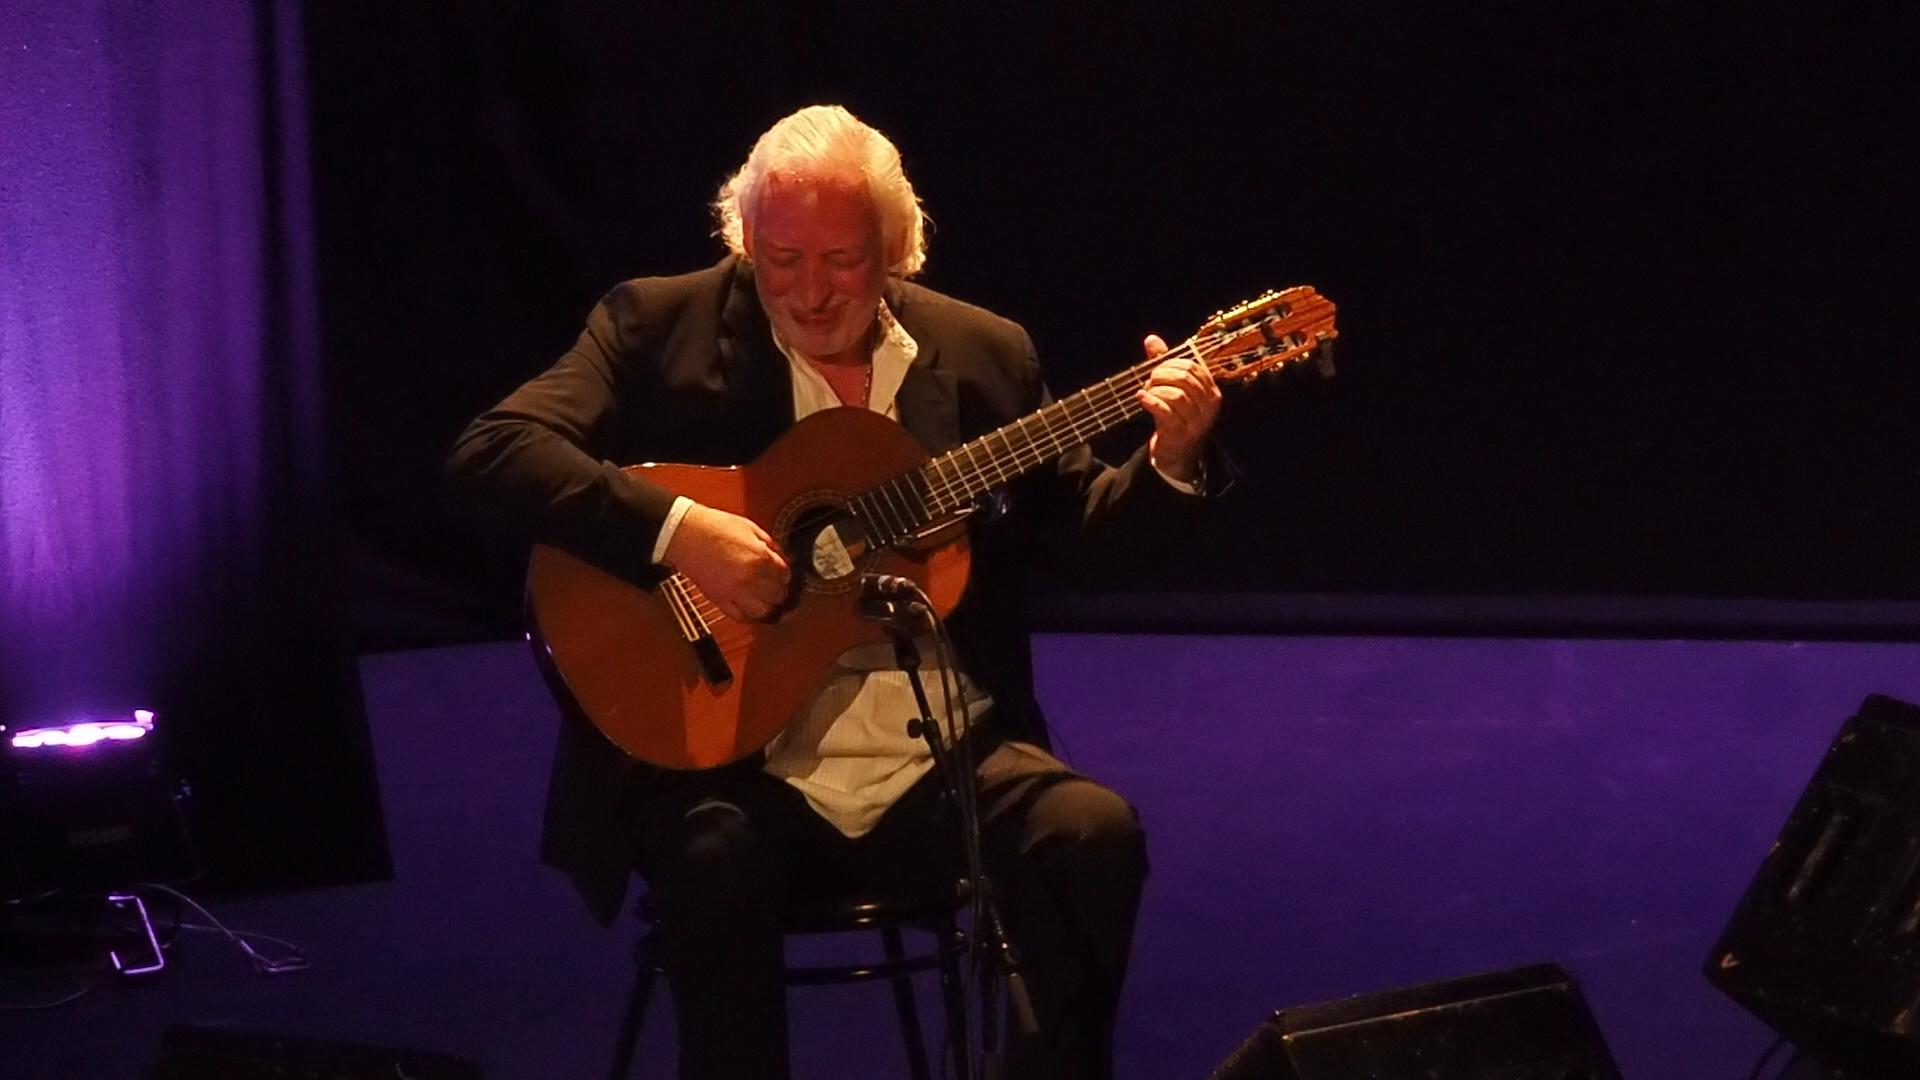 João Mário Veiga